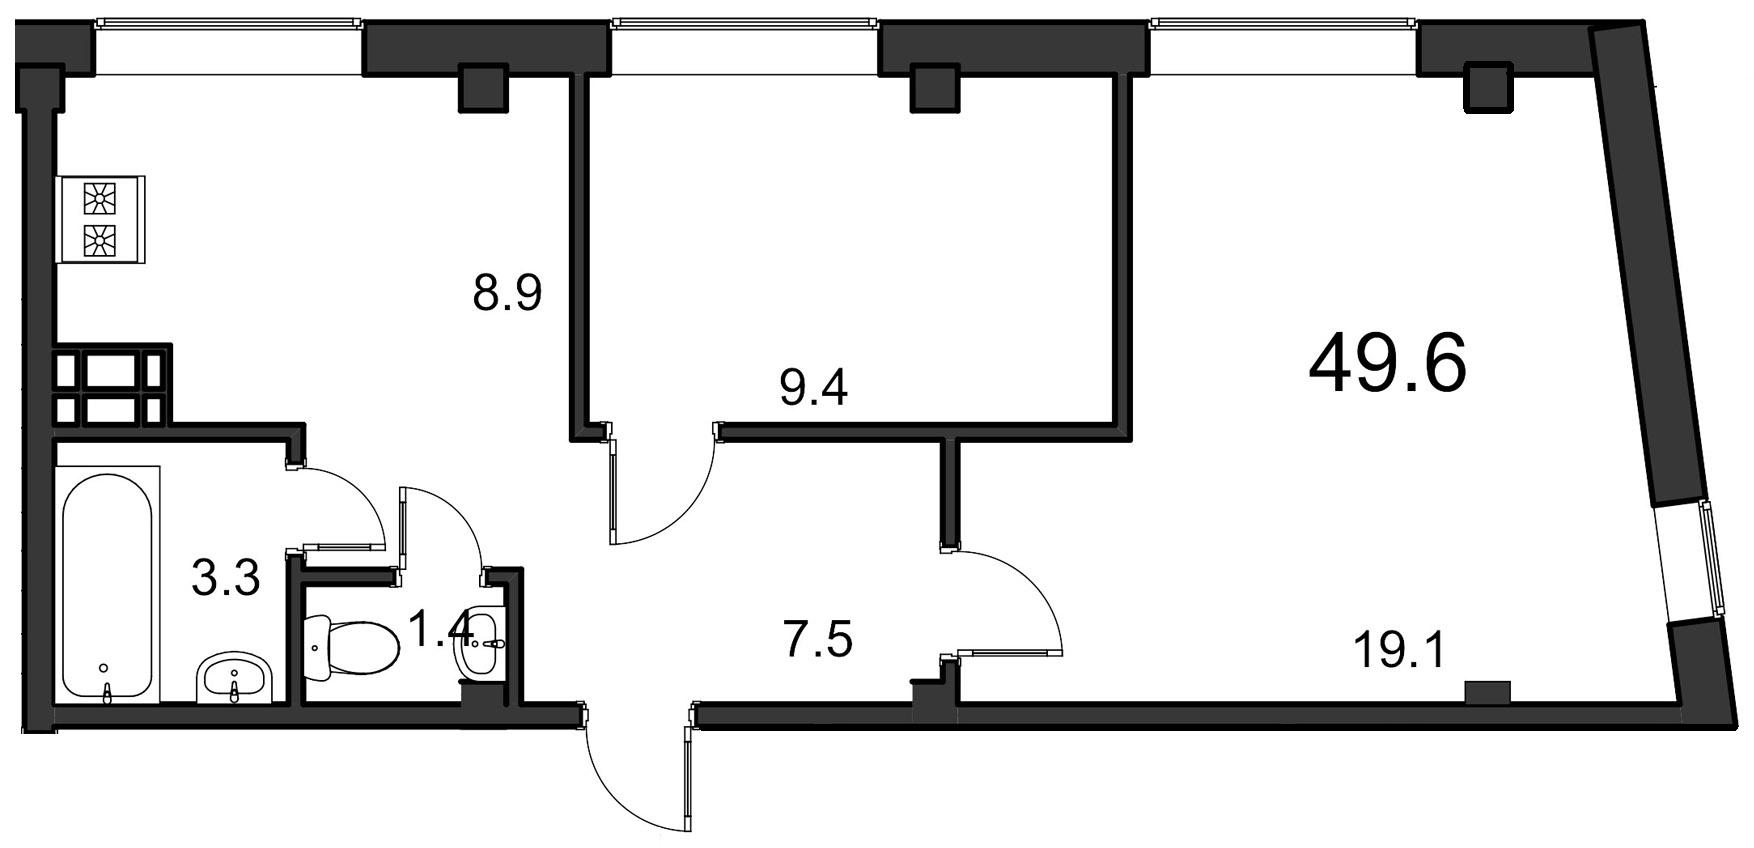 Планировка Двухкомнатная квартира площадью 49.6 кв.м в ЖК «ORANGE»